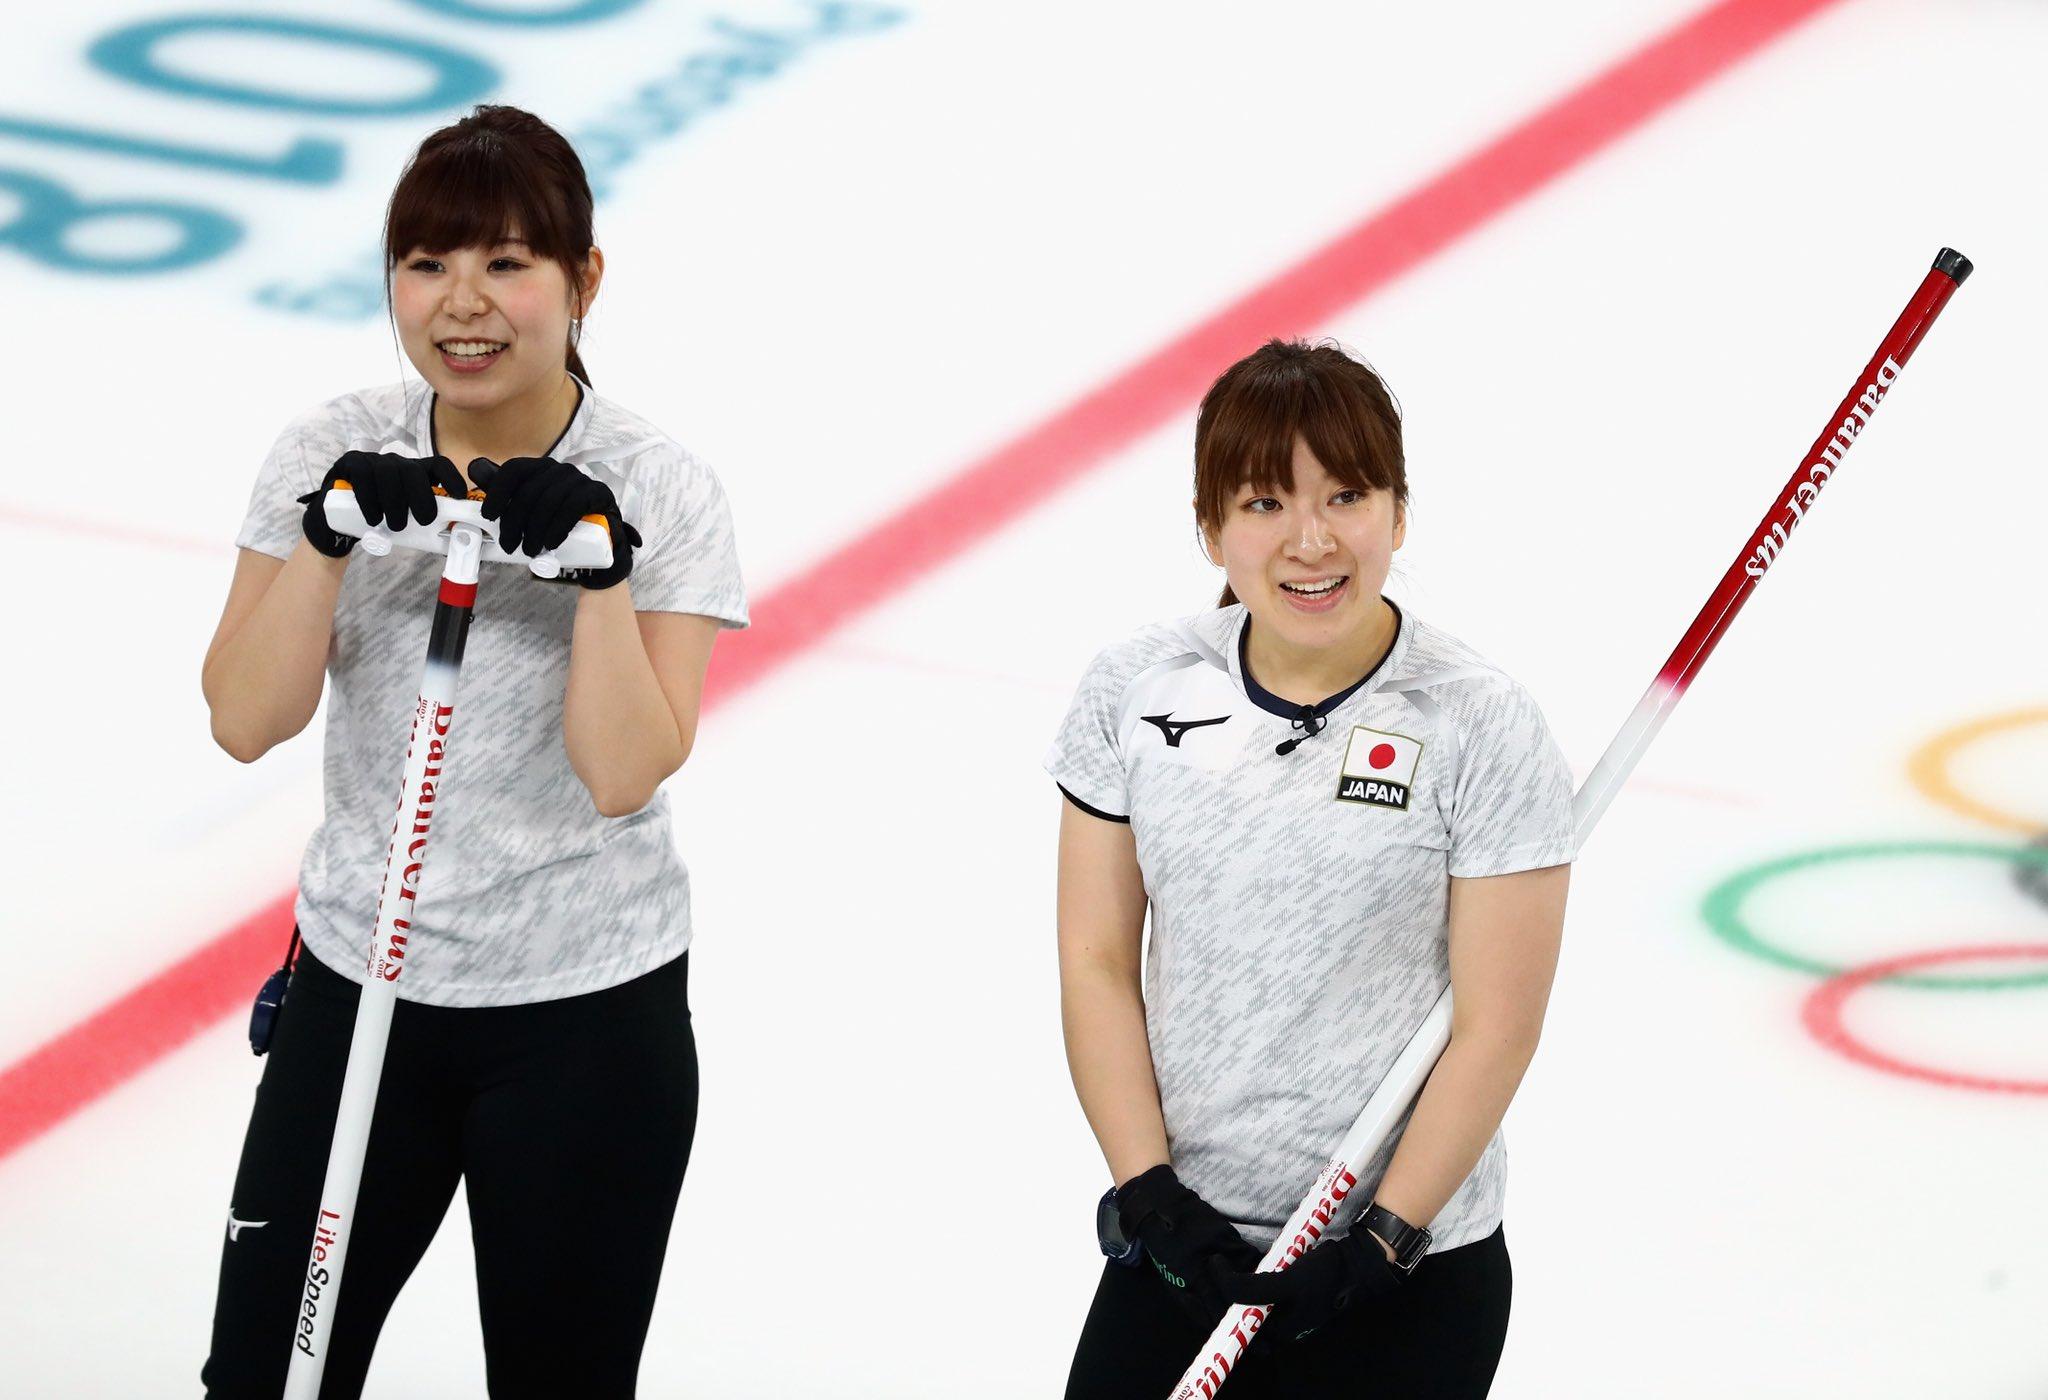 オリンピックVerified account